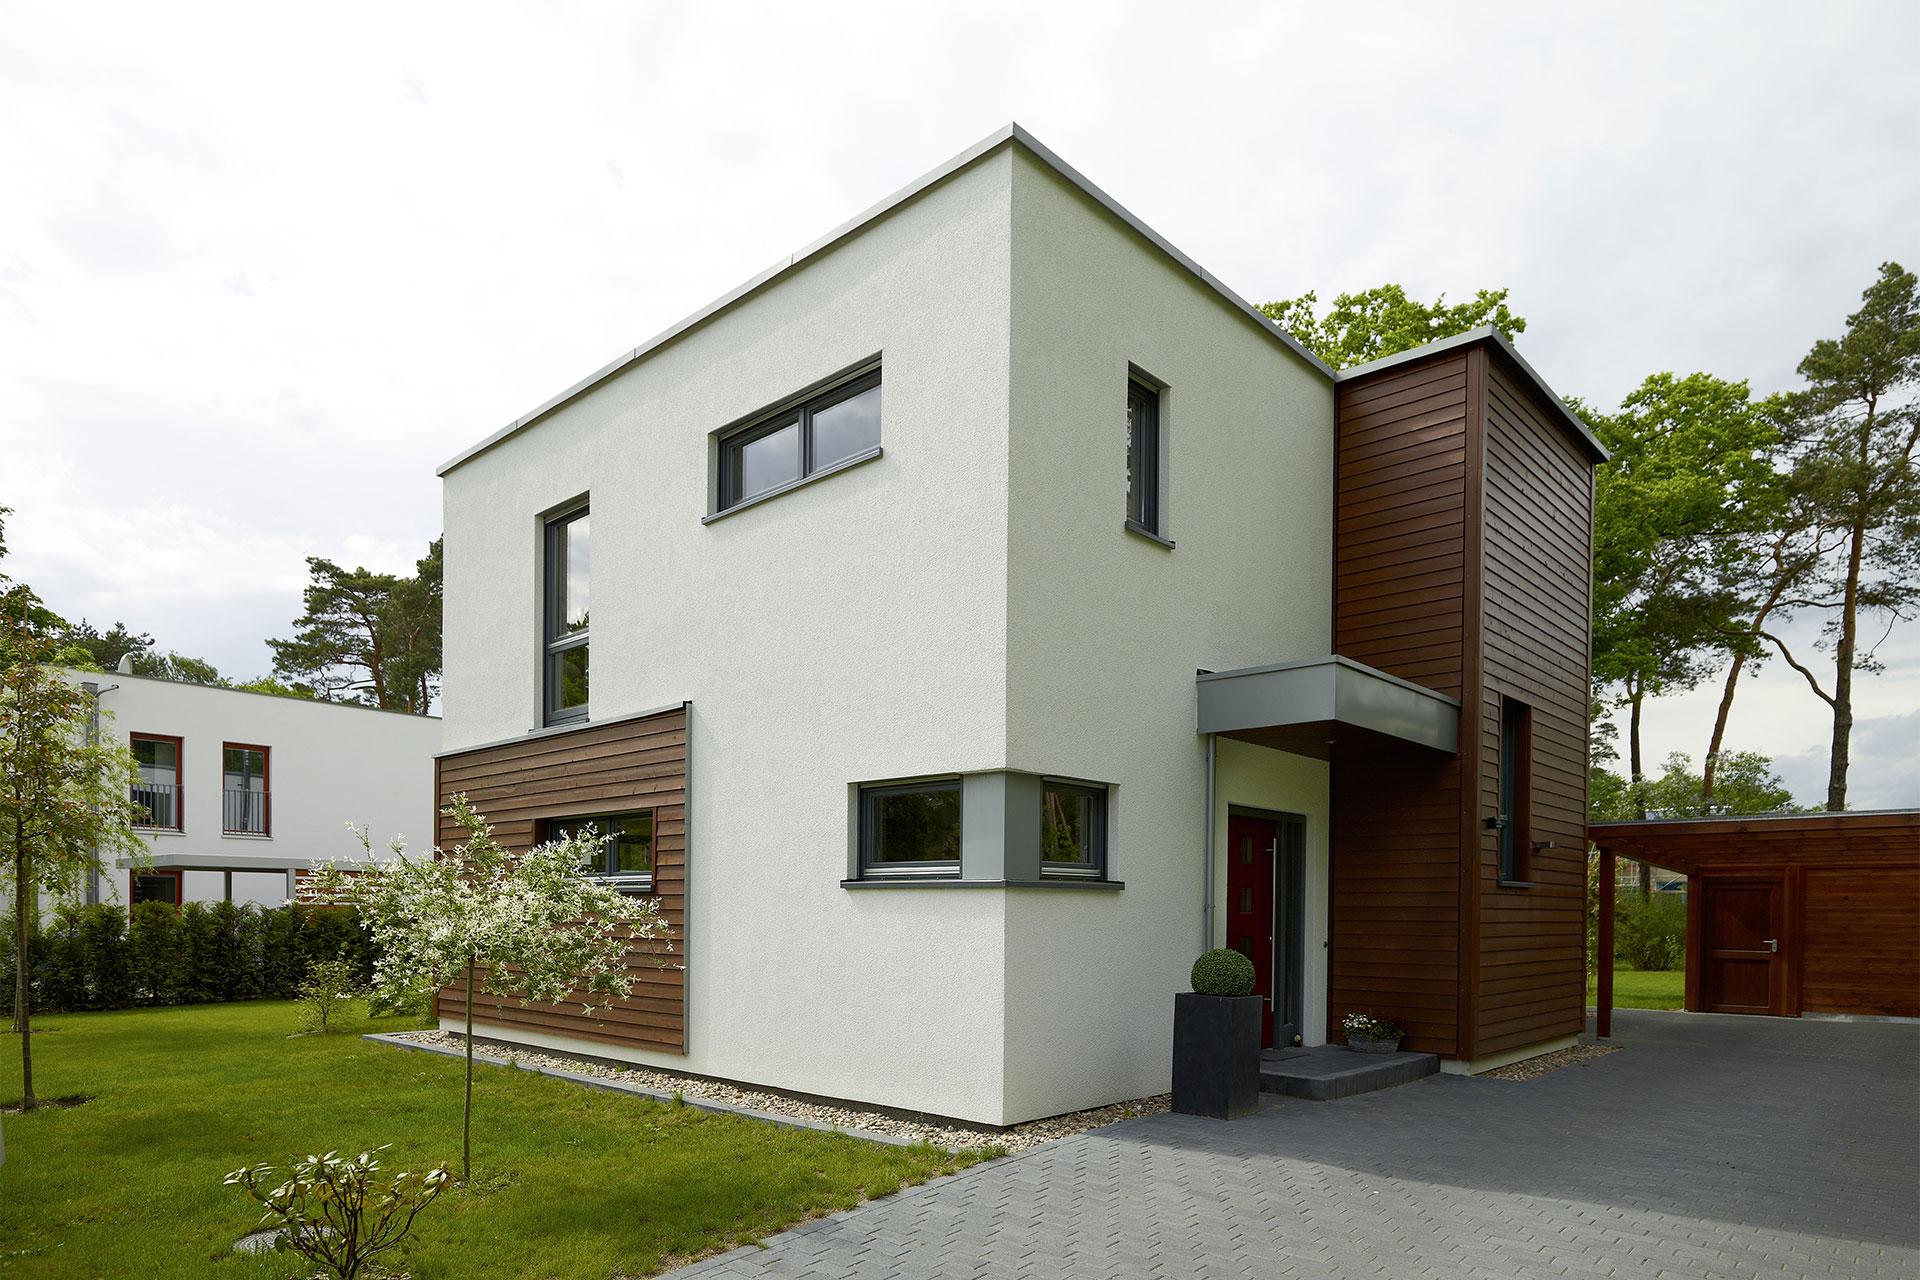 Fertighaus flachdach modell stella ein fertighaus von for Musterhaus flachdach